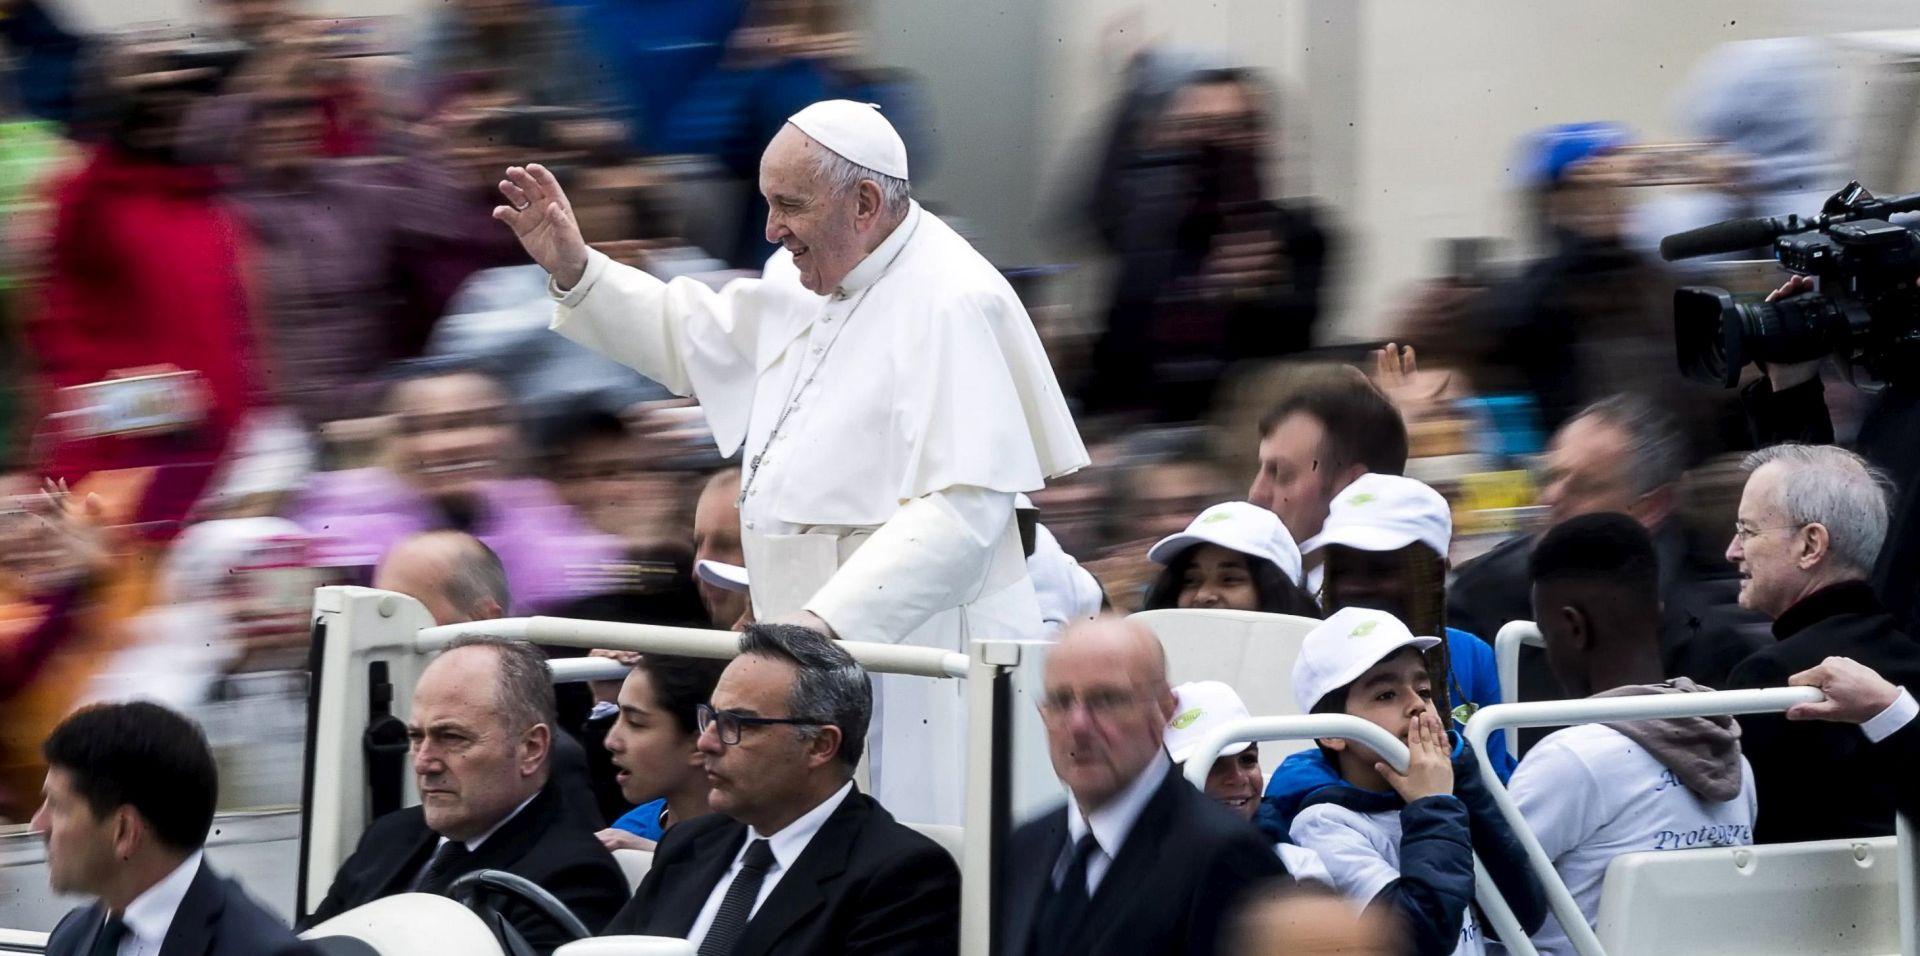 Papa Franjo žali zbog kulture zatvaranja u sebe, molio za mir u Sudanu